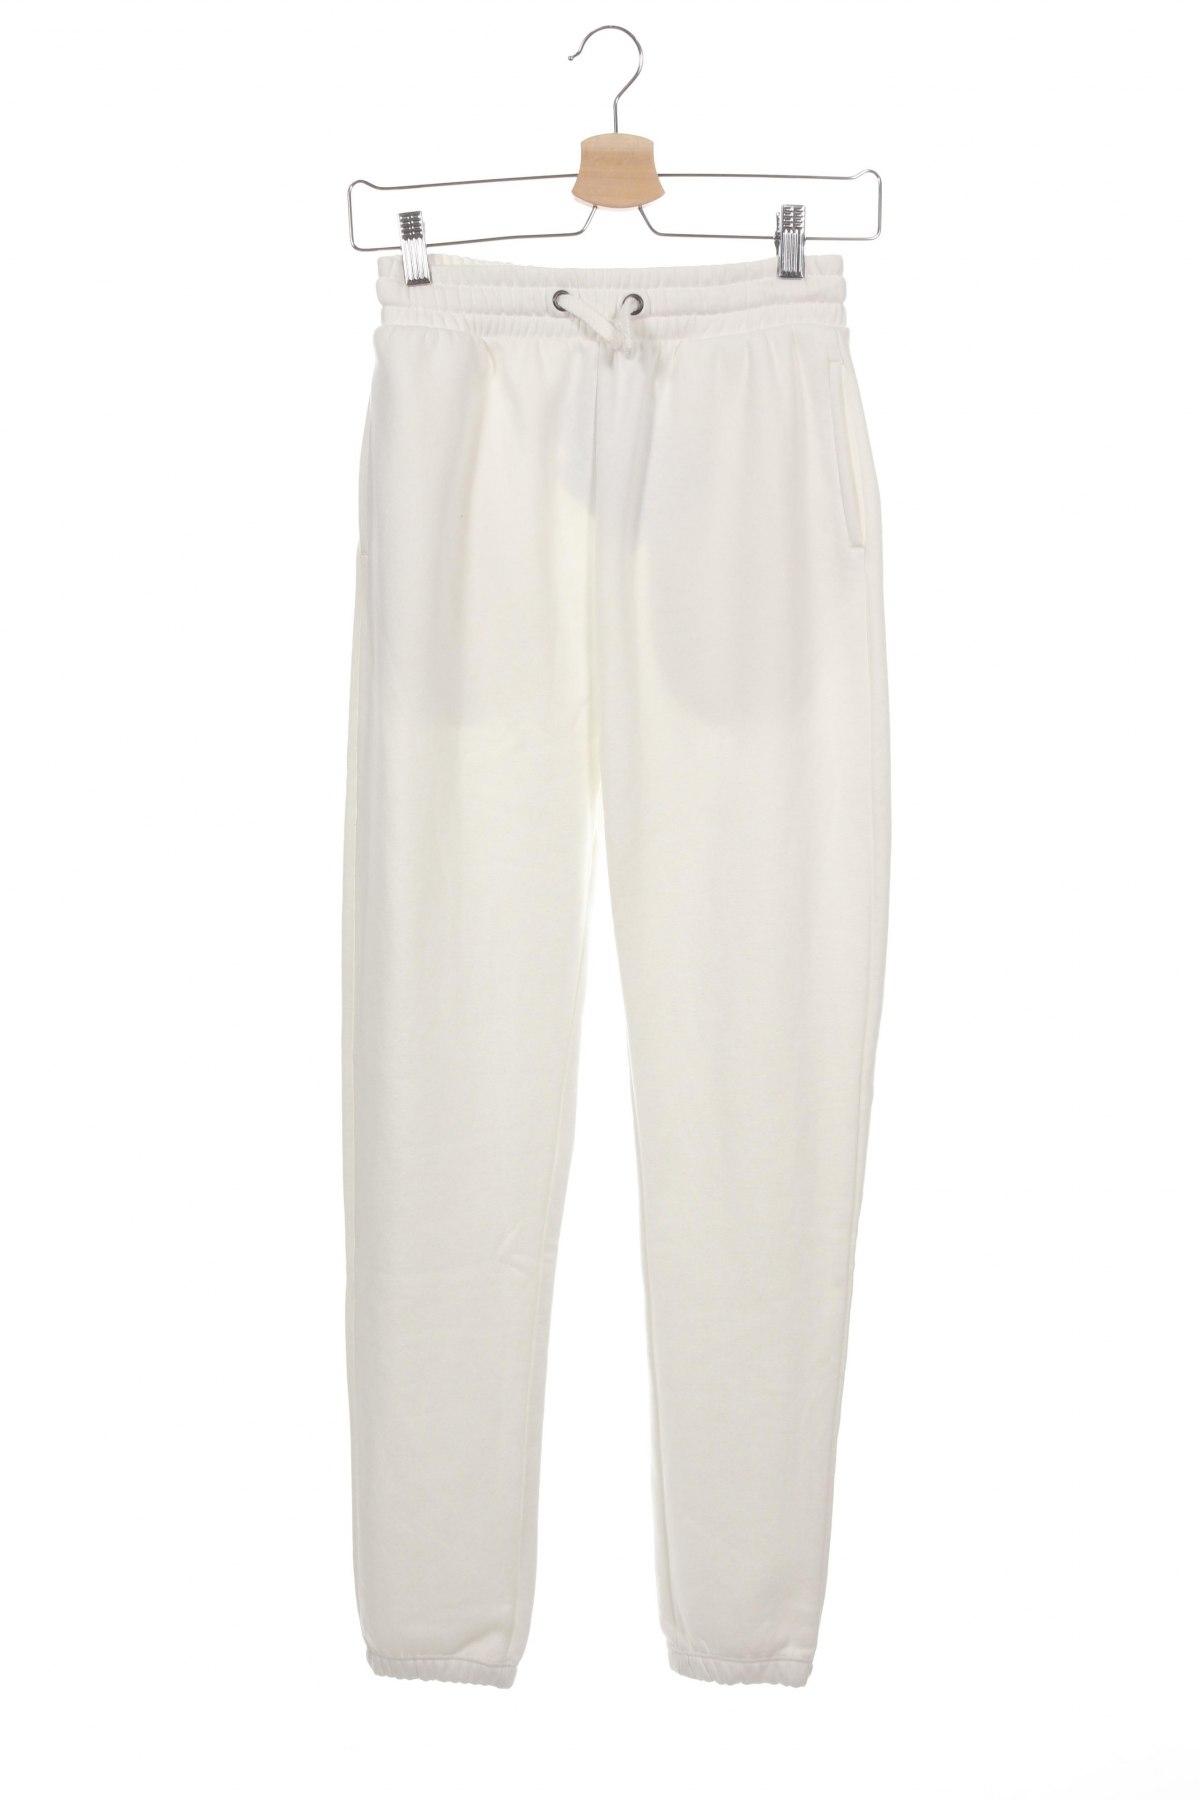 Дамско спортно долнище Even&Odd, Размер XS, Цвят Бял, 50% памук, 50% полиестер, Цена 19,80лв.